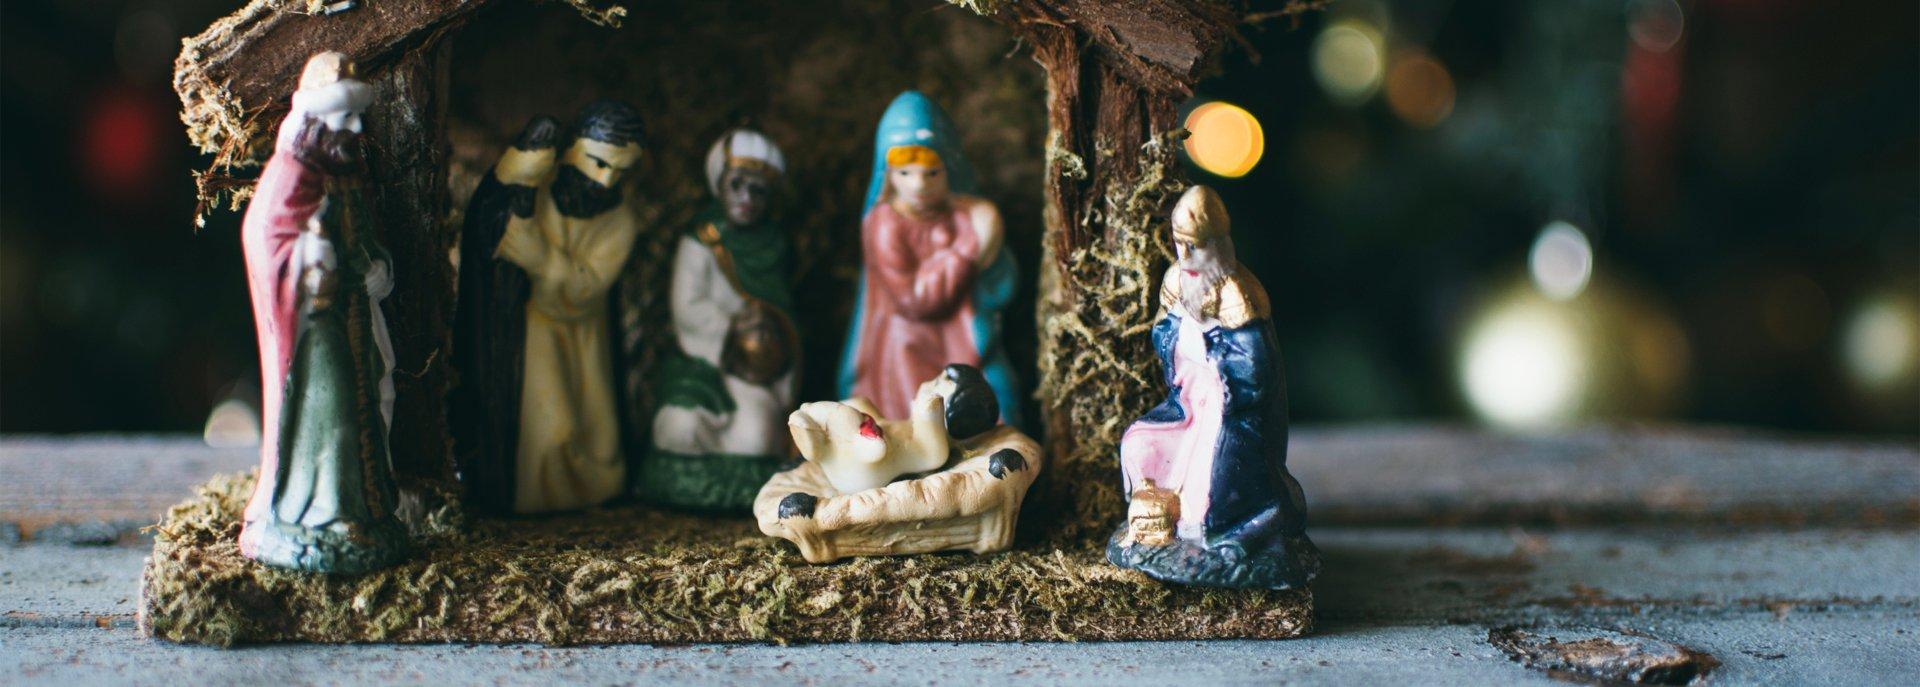 Per un Santo Natale sereno e luminoso: l'augurio di fra Massimo Villa